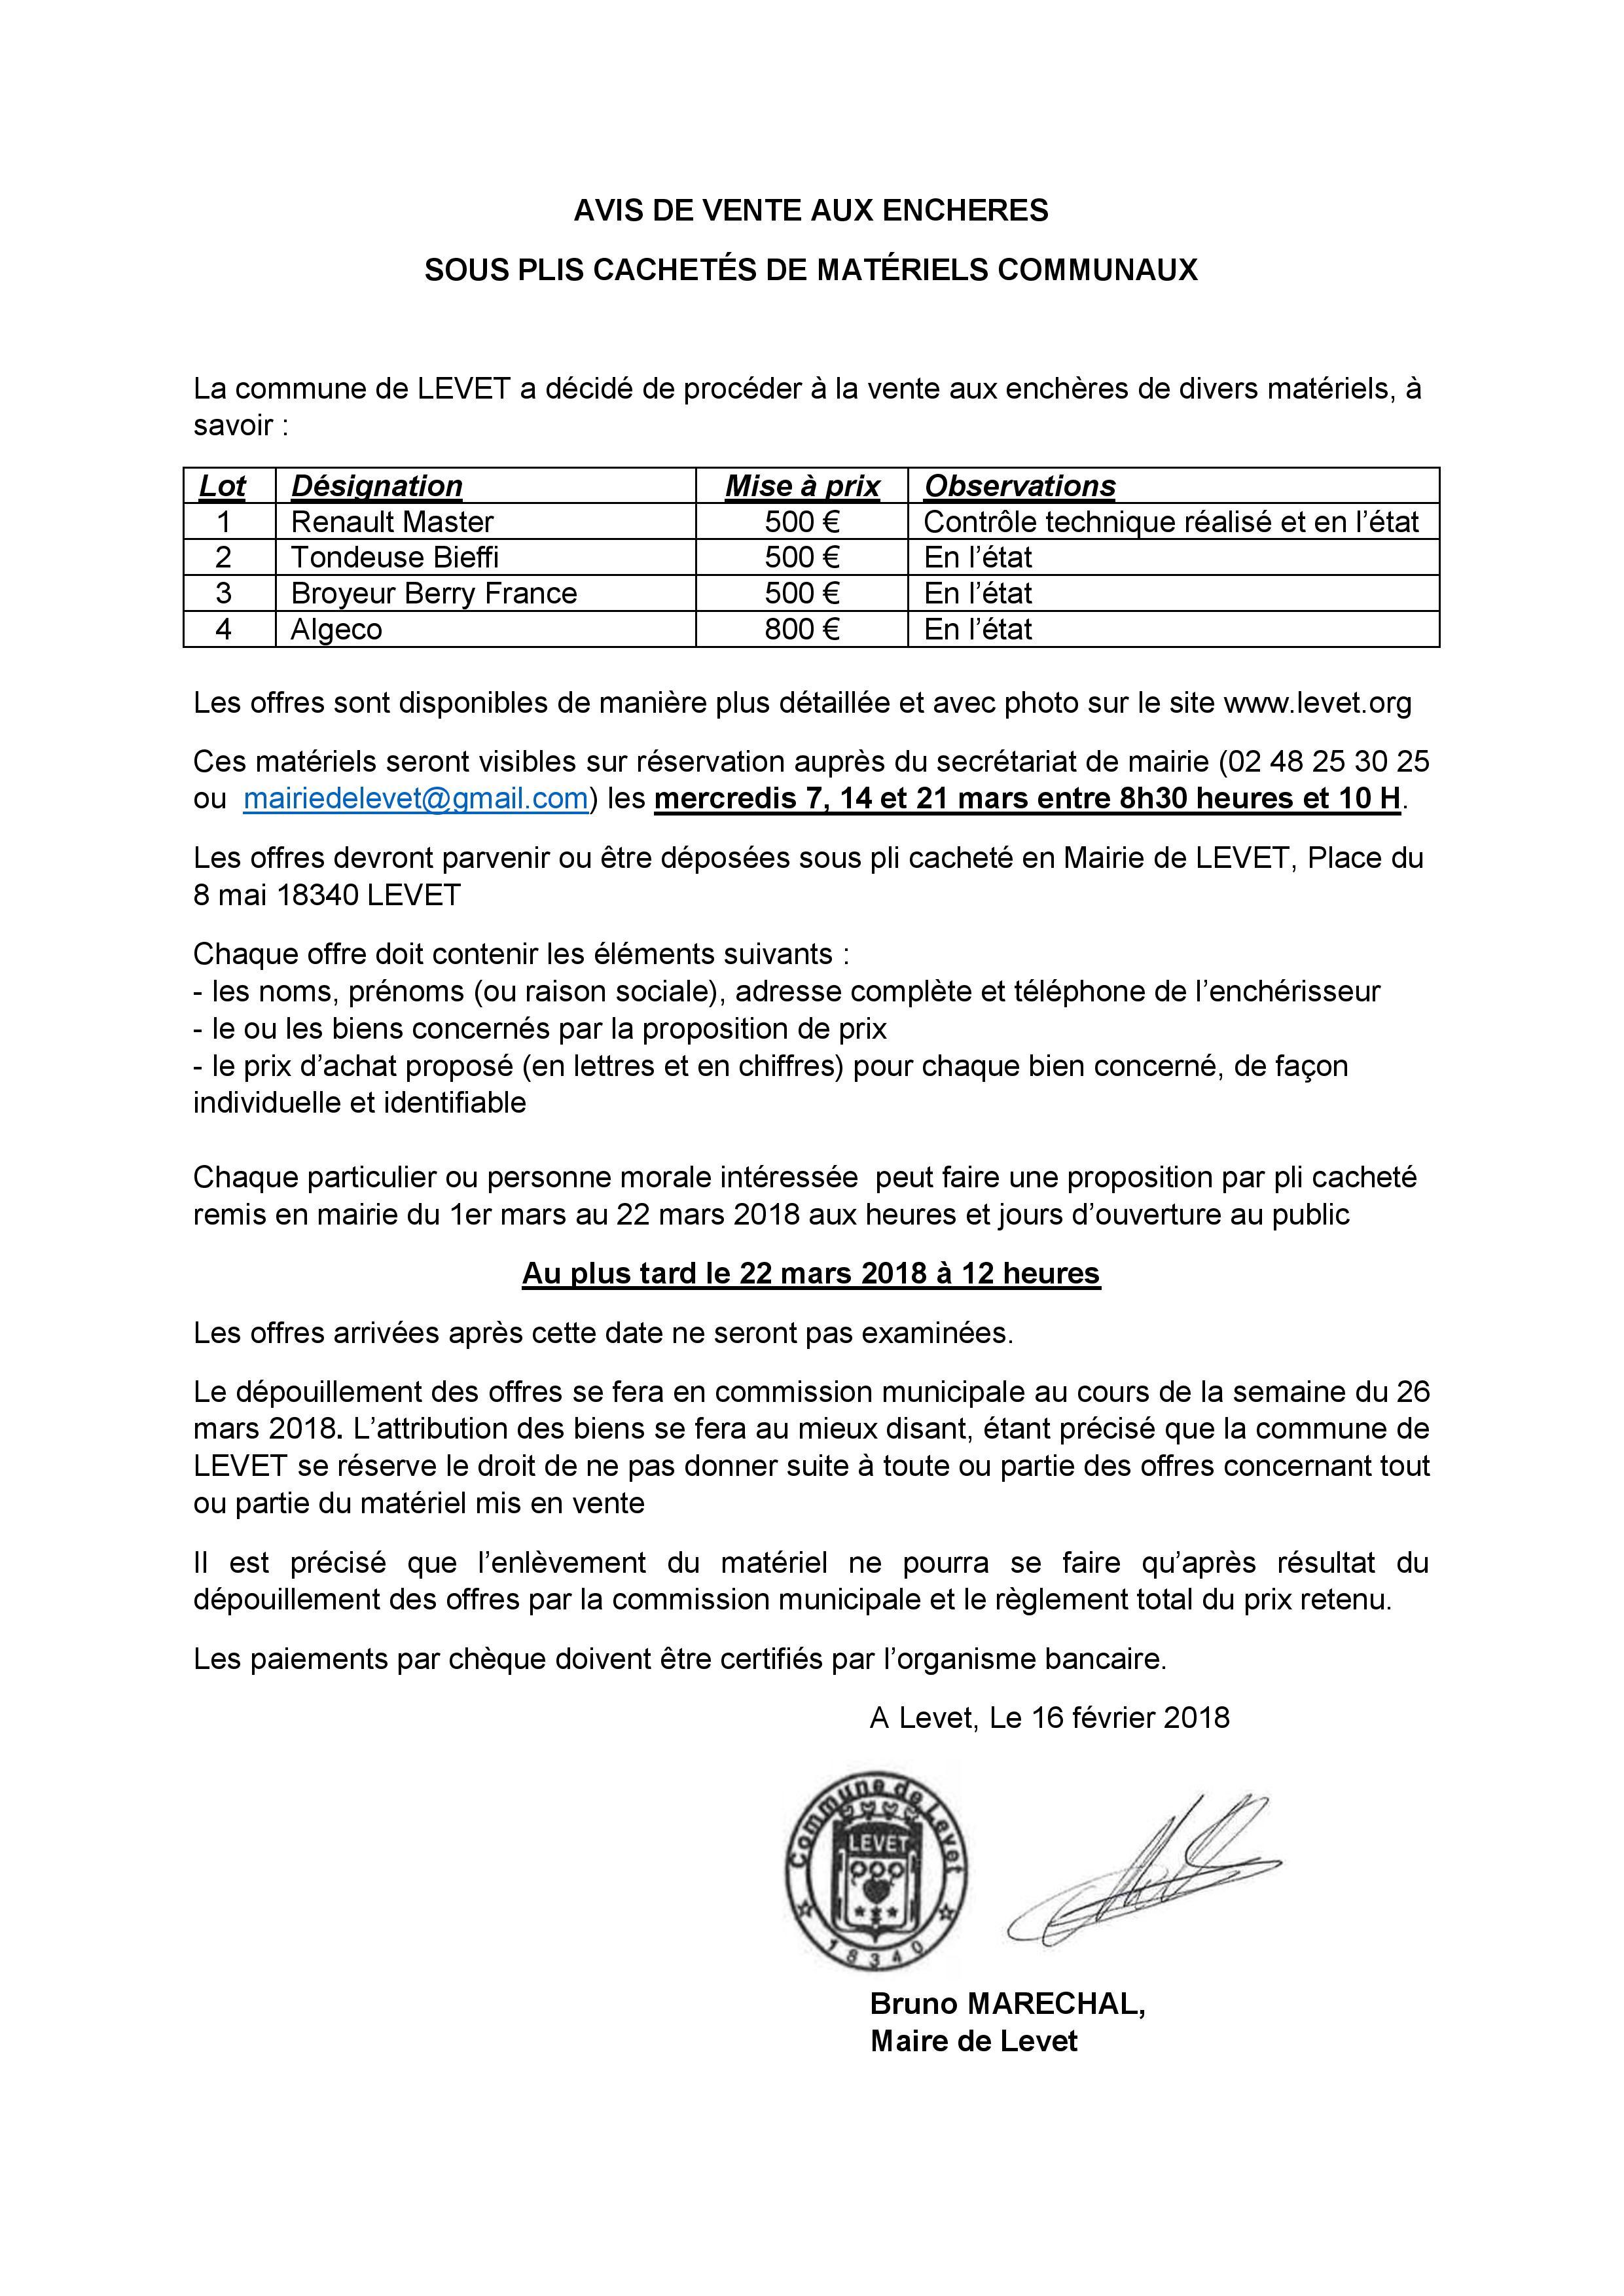 Levet 2018 02 23 Avis De Vente Aux Encheres Page 001